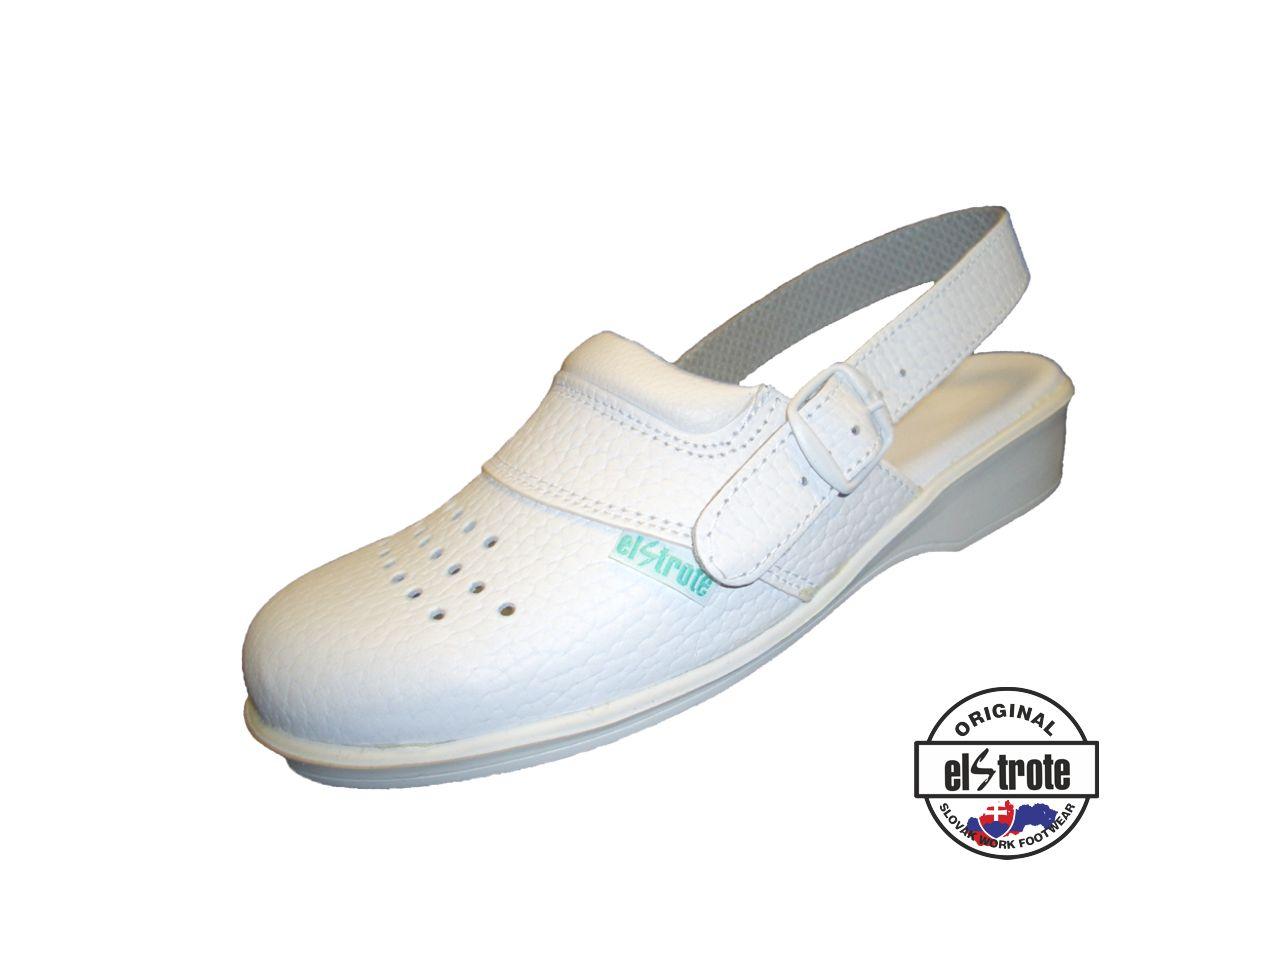 336fbeaf7e24 Zdravotná pracovná obuv classic - dámske sandále - 91 562 f.10